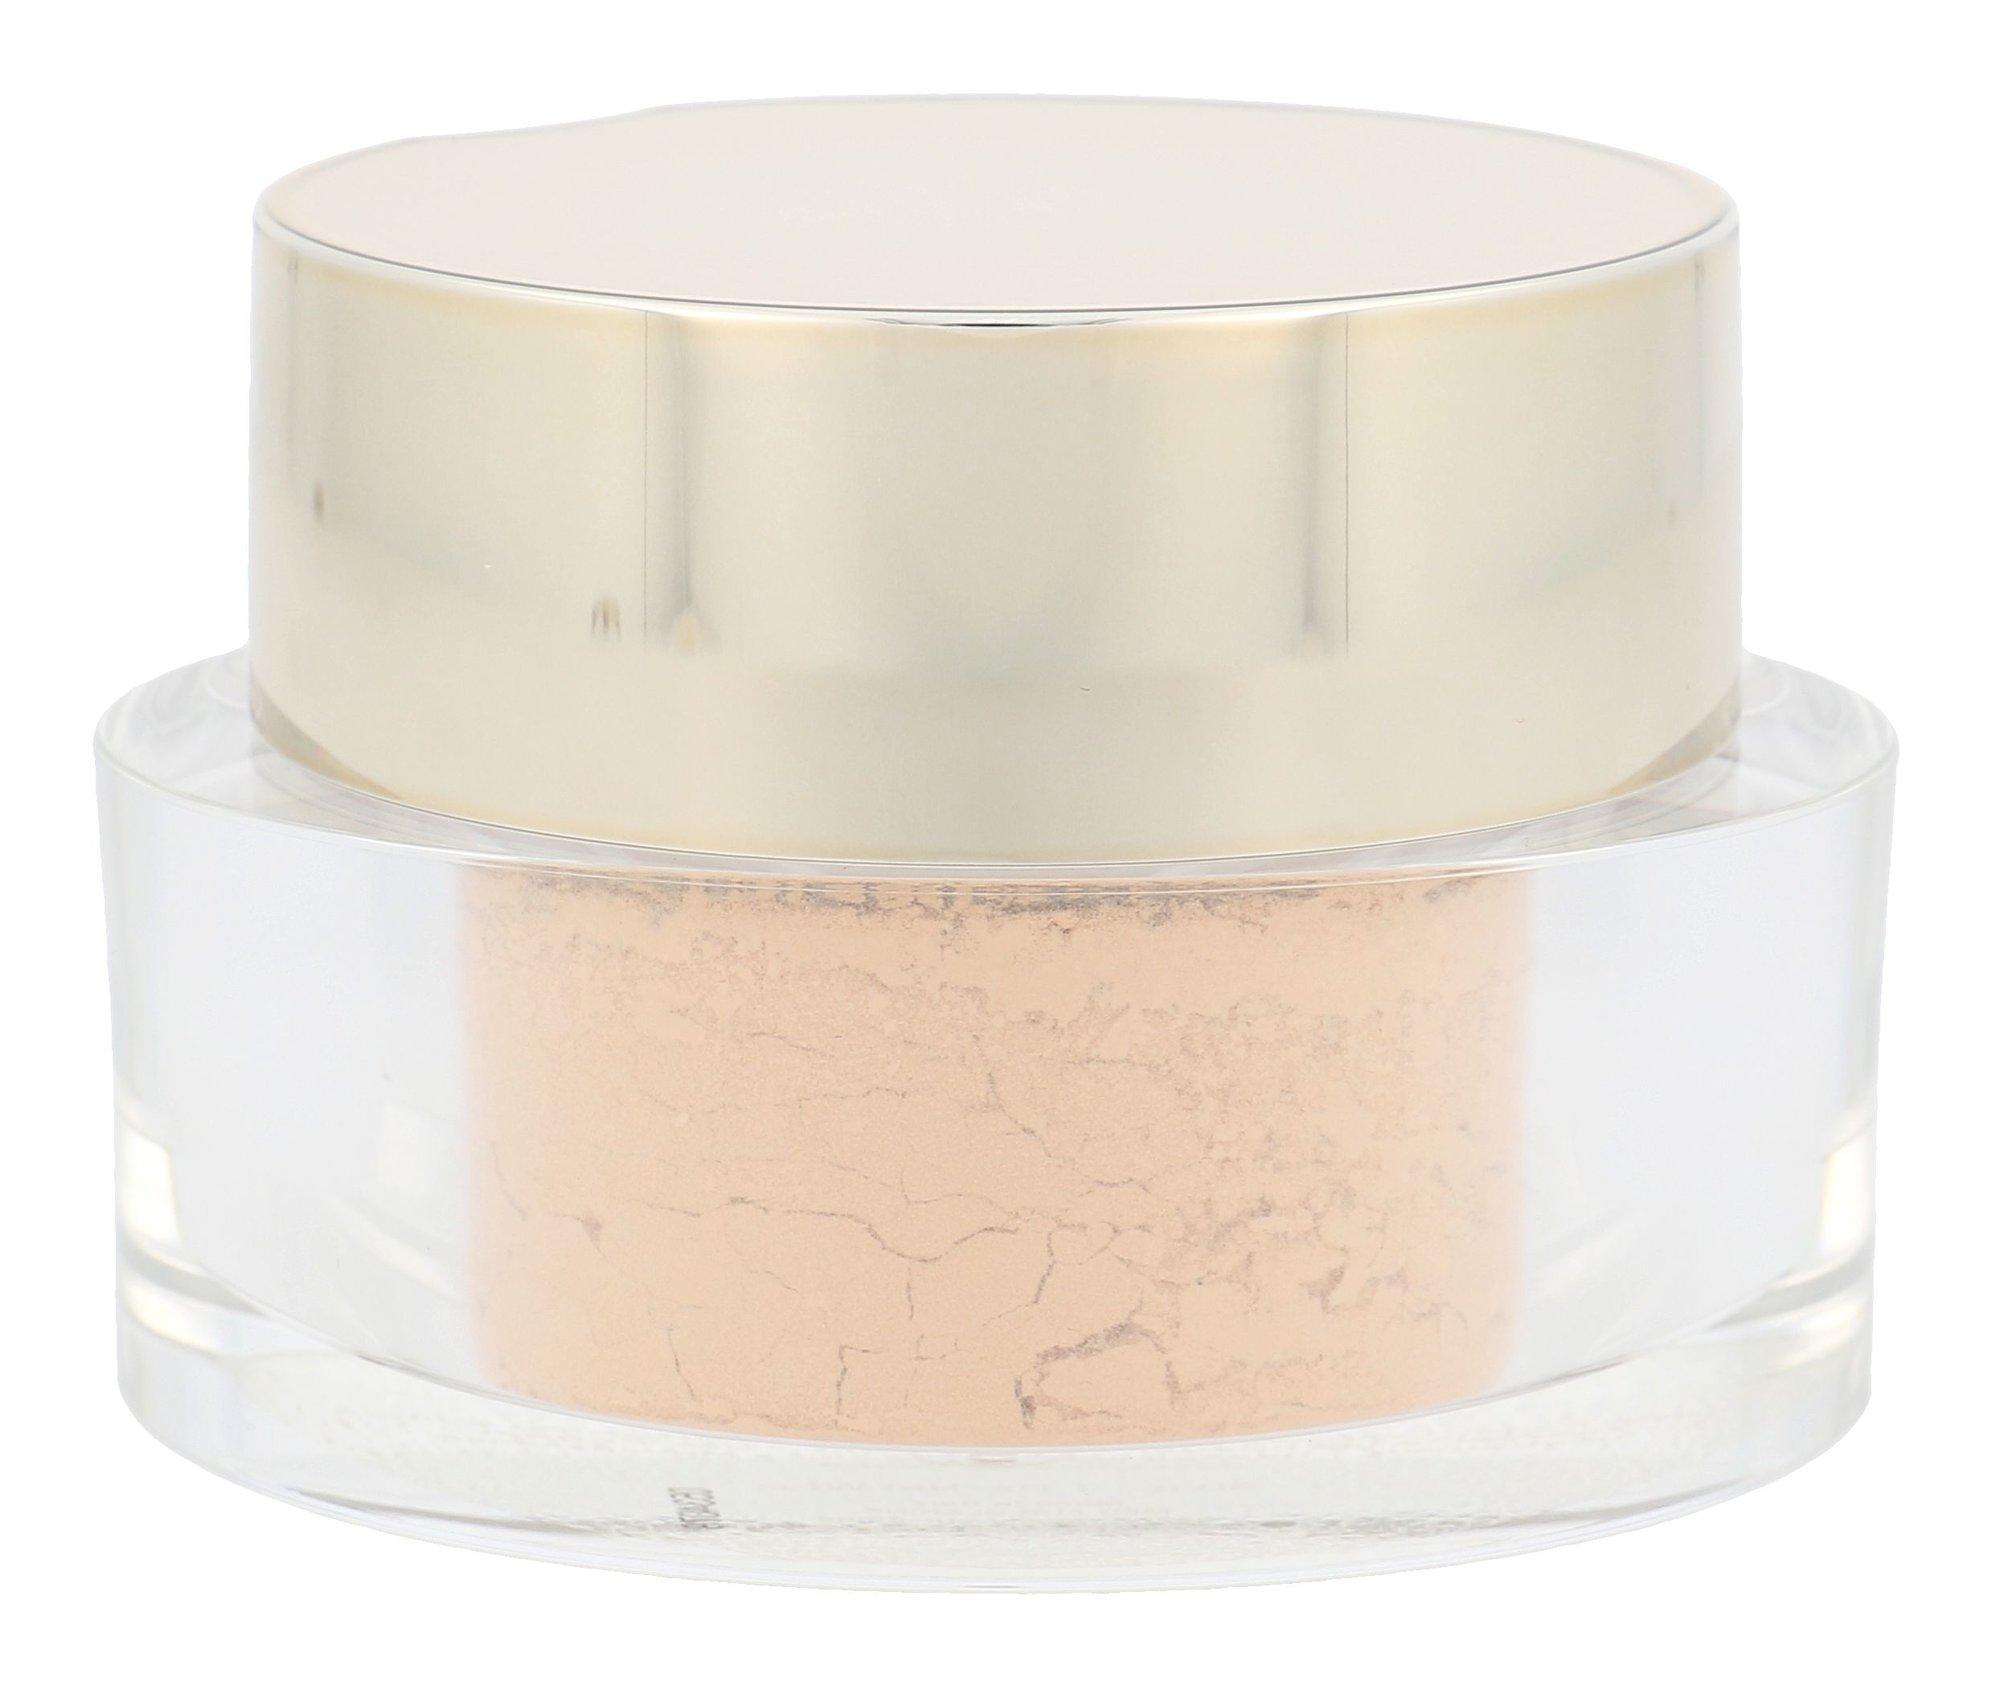 Clarins Poudre Multi-Eclat Cosmetic 30ml 02 Medium